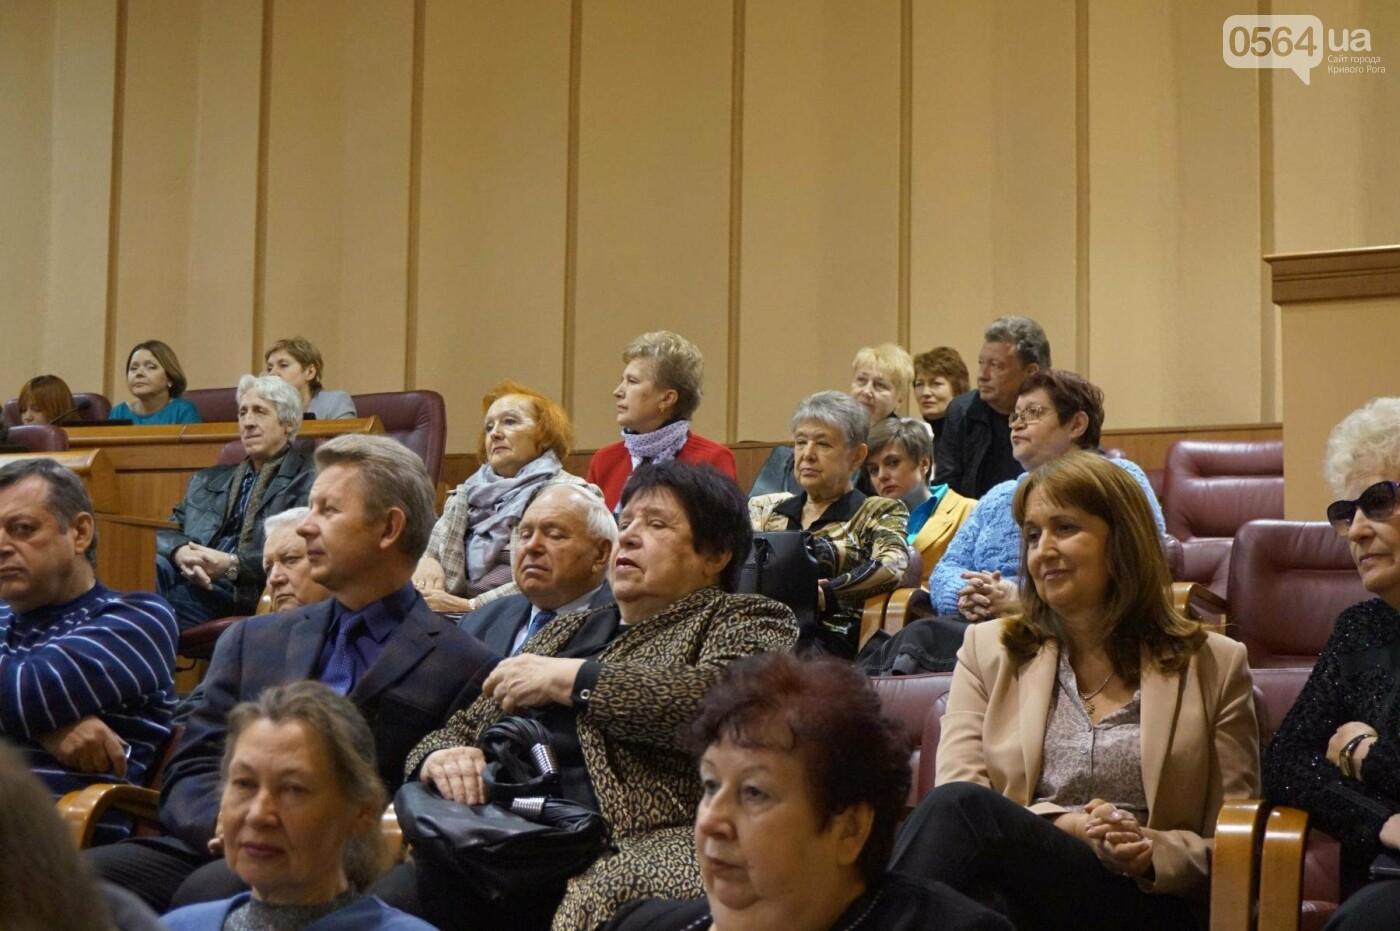 Экс-сотрудников Криворожского горисполкома поздравили с Днем пожилых людей (ФОТО), фото-17